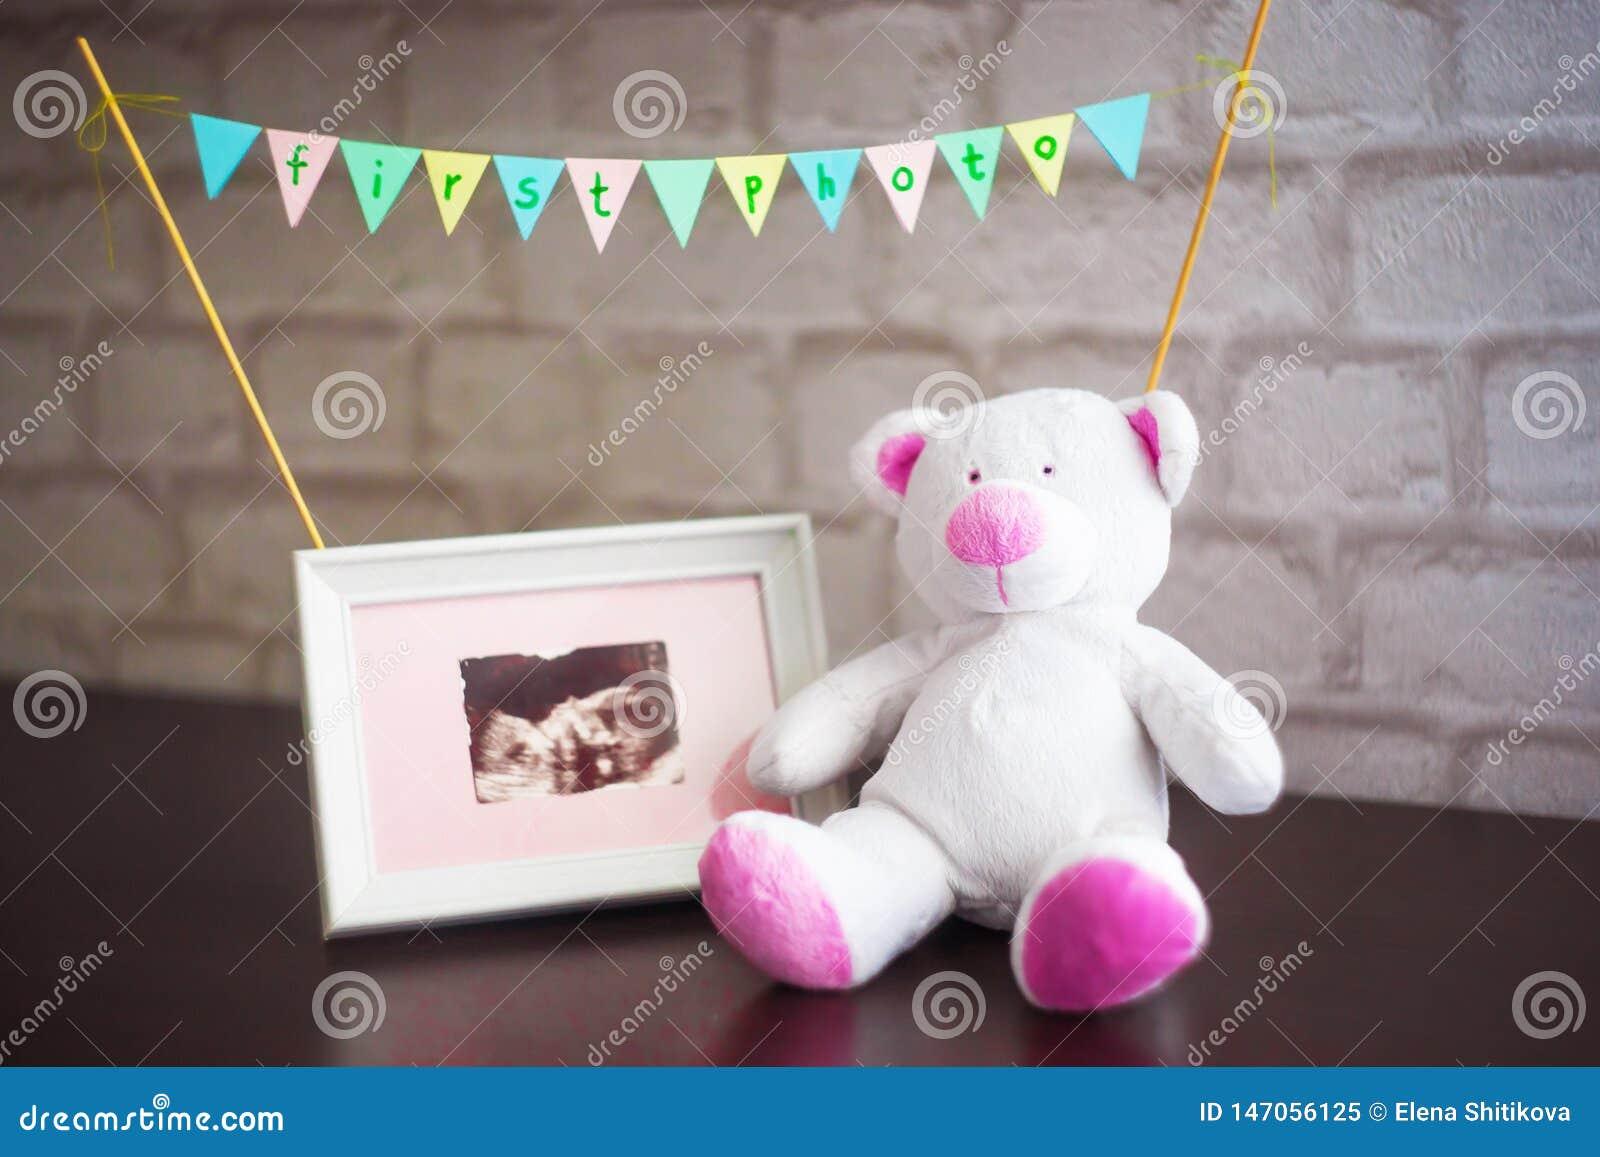 Η αρκούδα κάθεται δίπλα σε μια φωτογραφία του υπερήχου μωρών σε ένα υπόβαθρο τουβλότοιχος